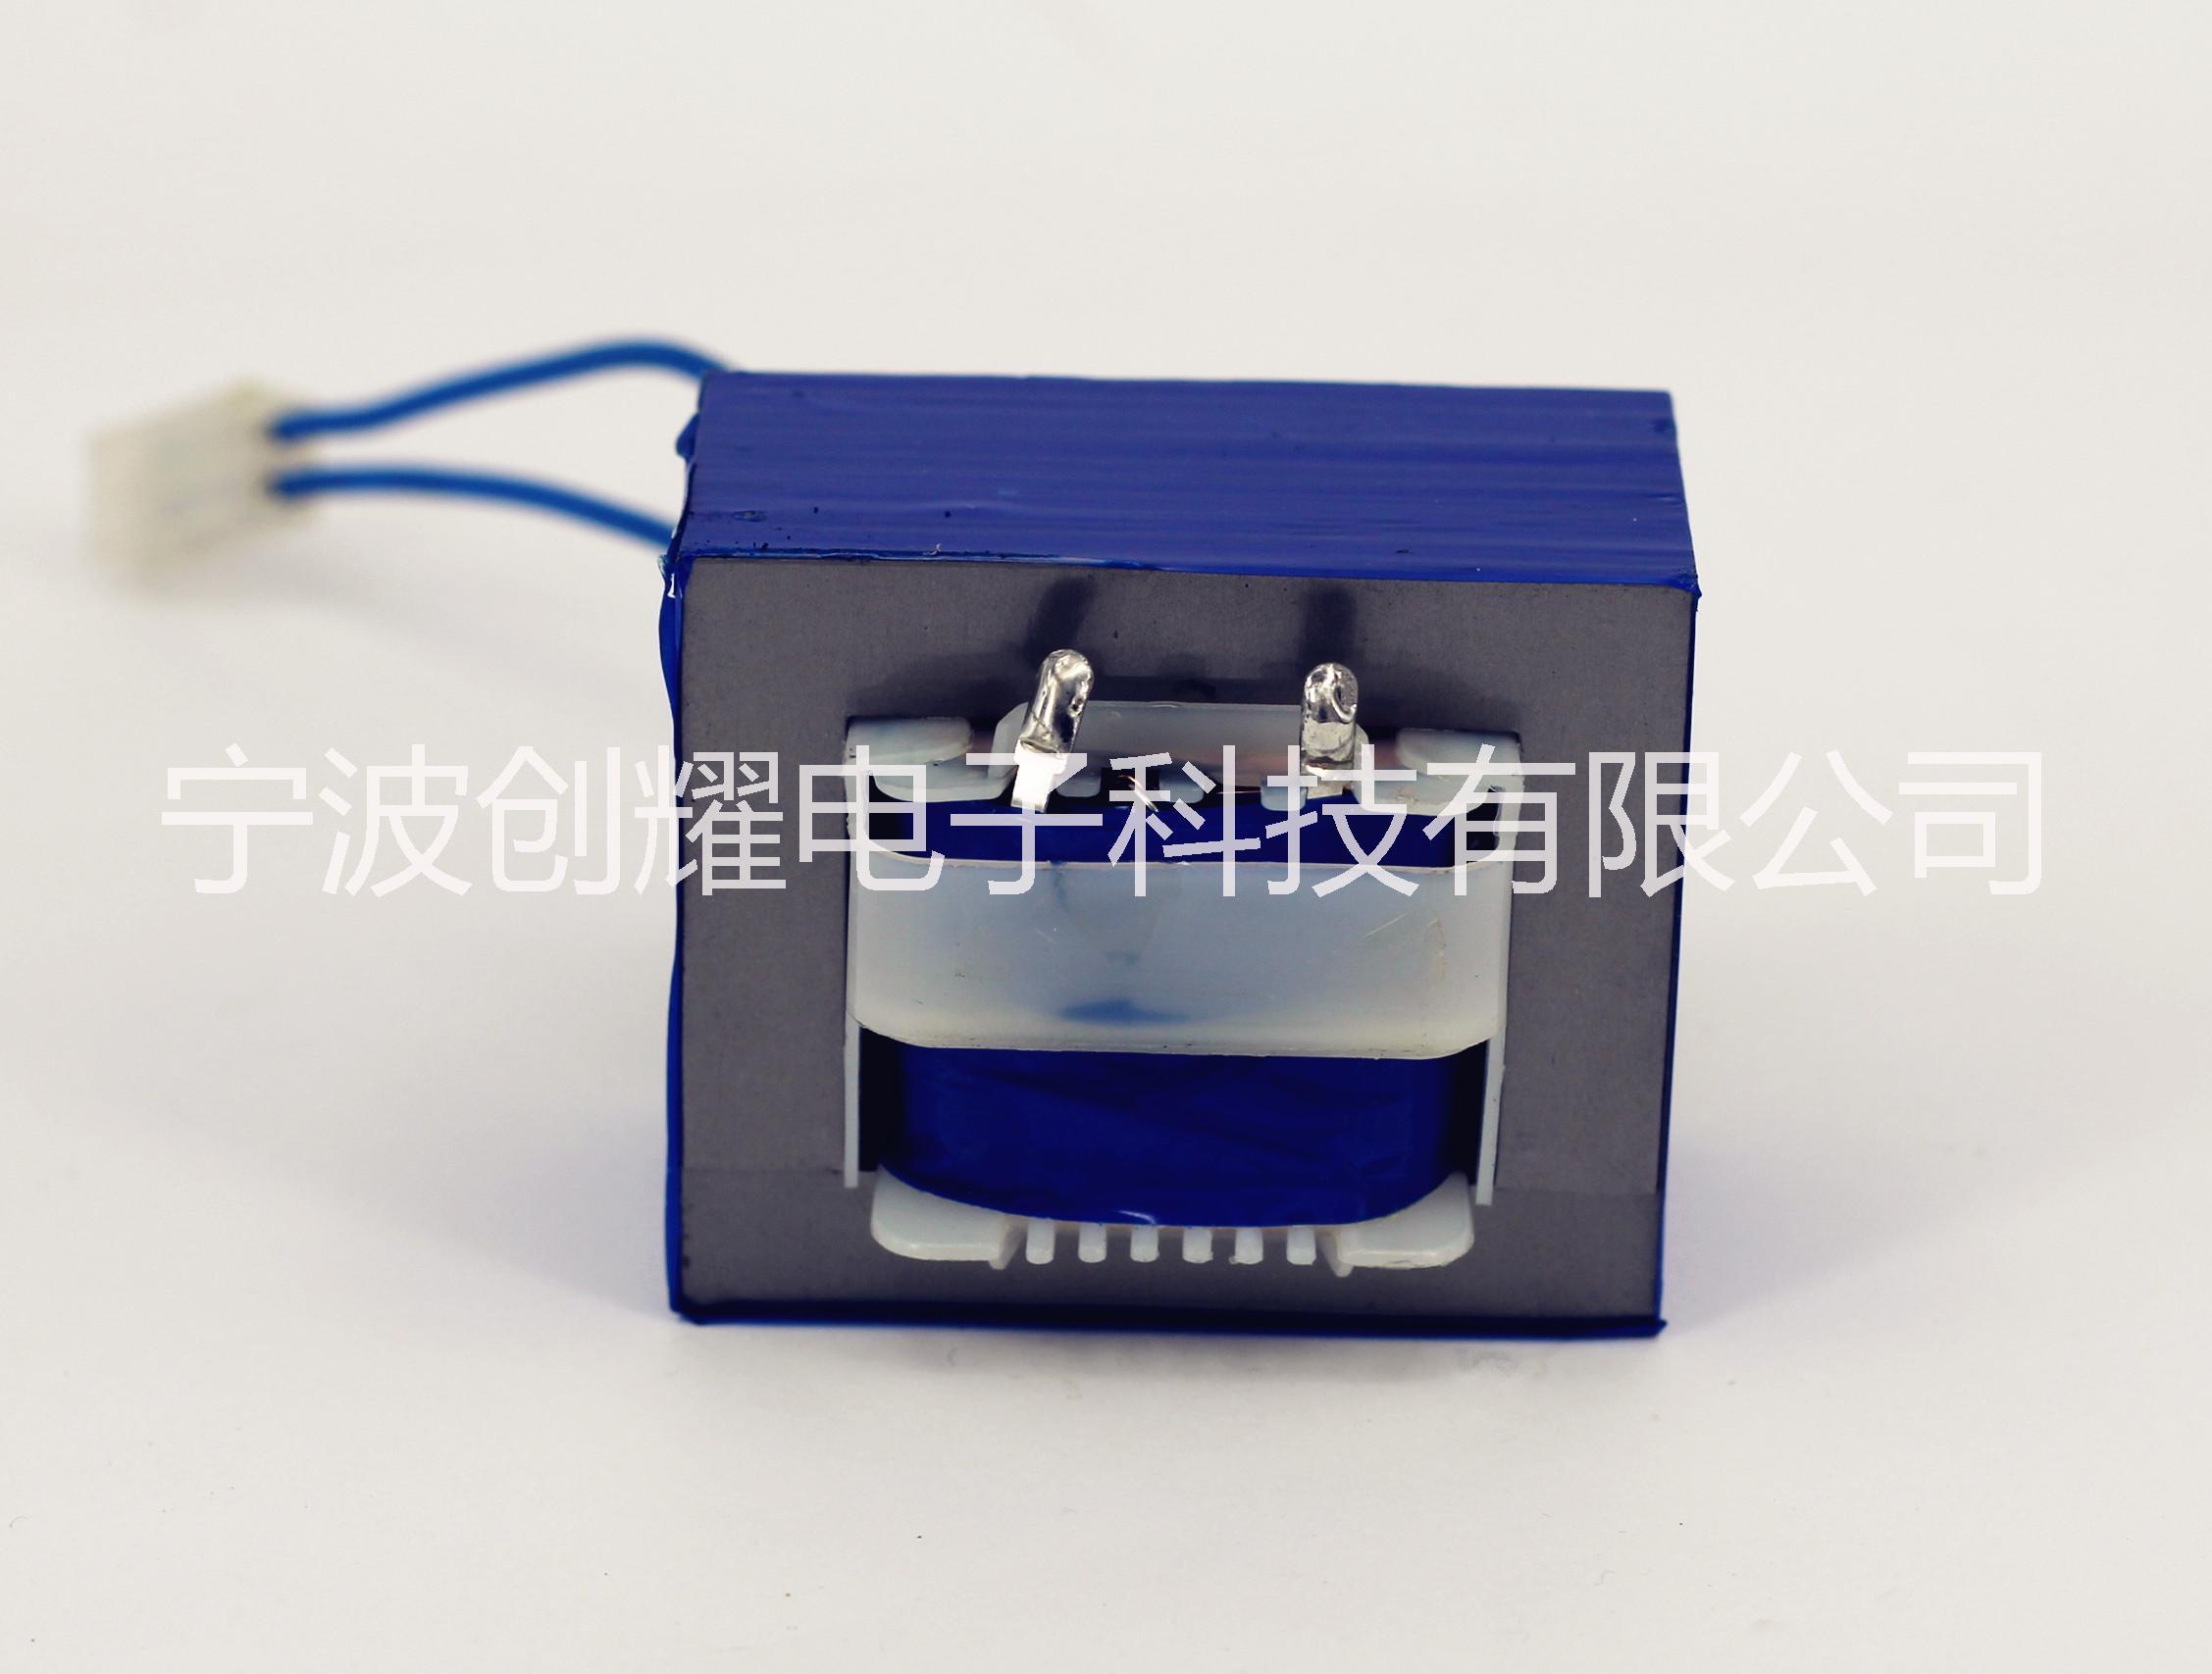 厂家直销 定制变压器 220V变压器 打磨机专用变压器